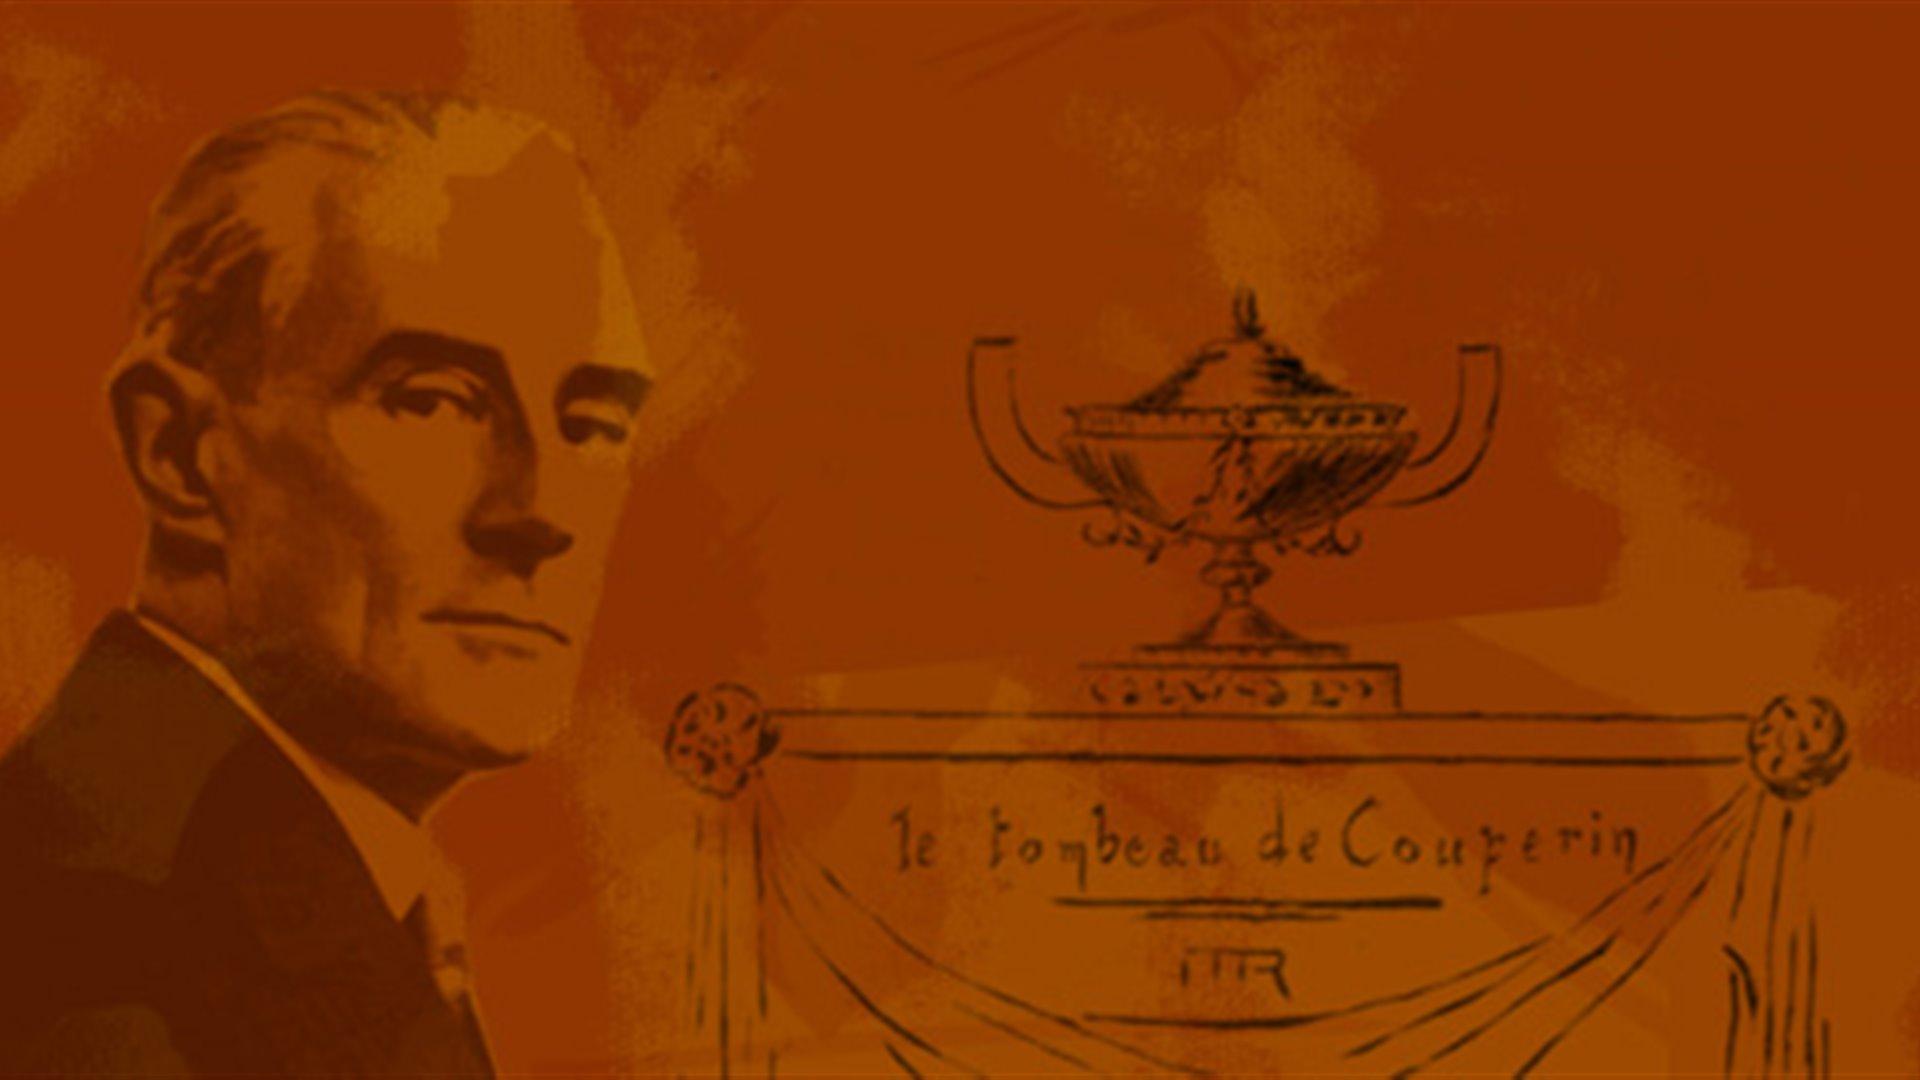 Tombeau. In memoriam